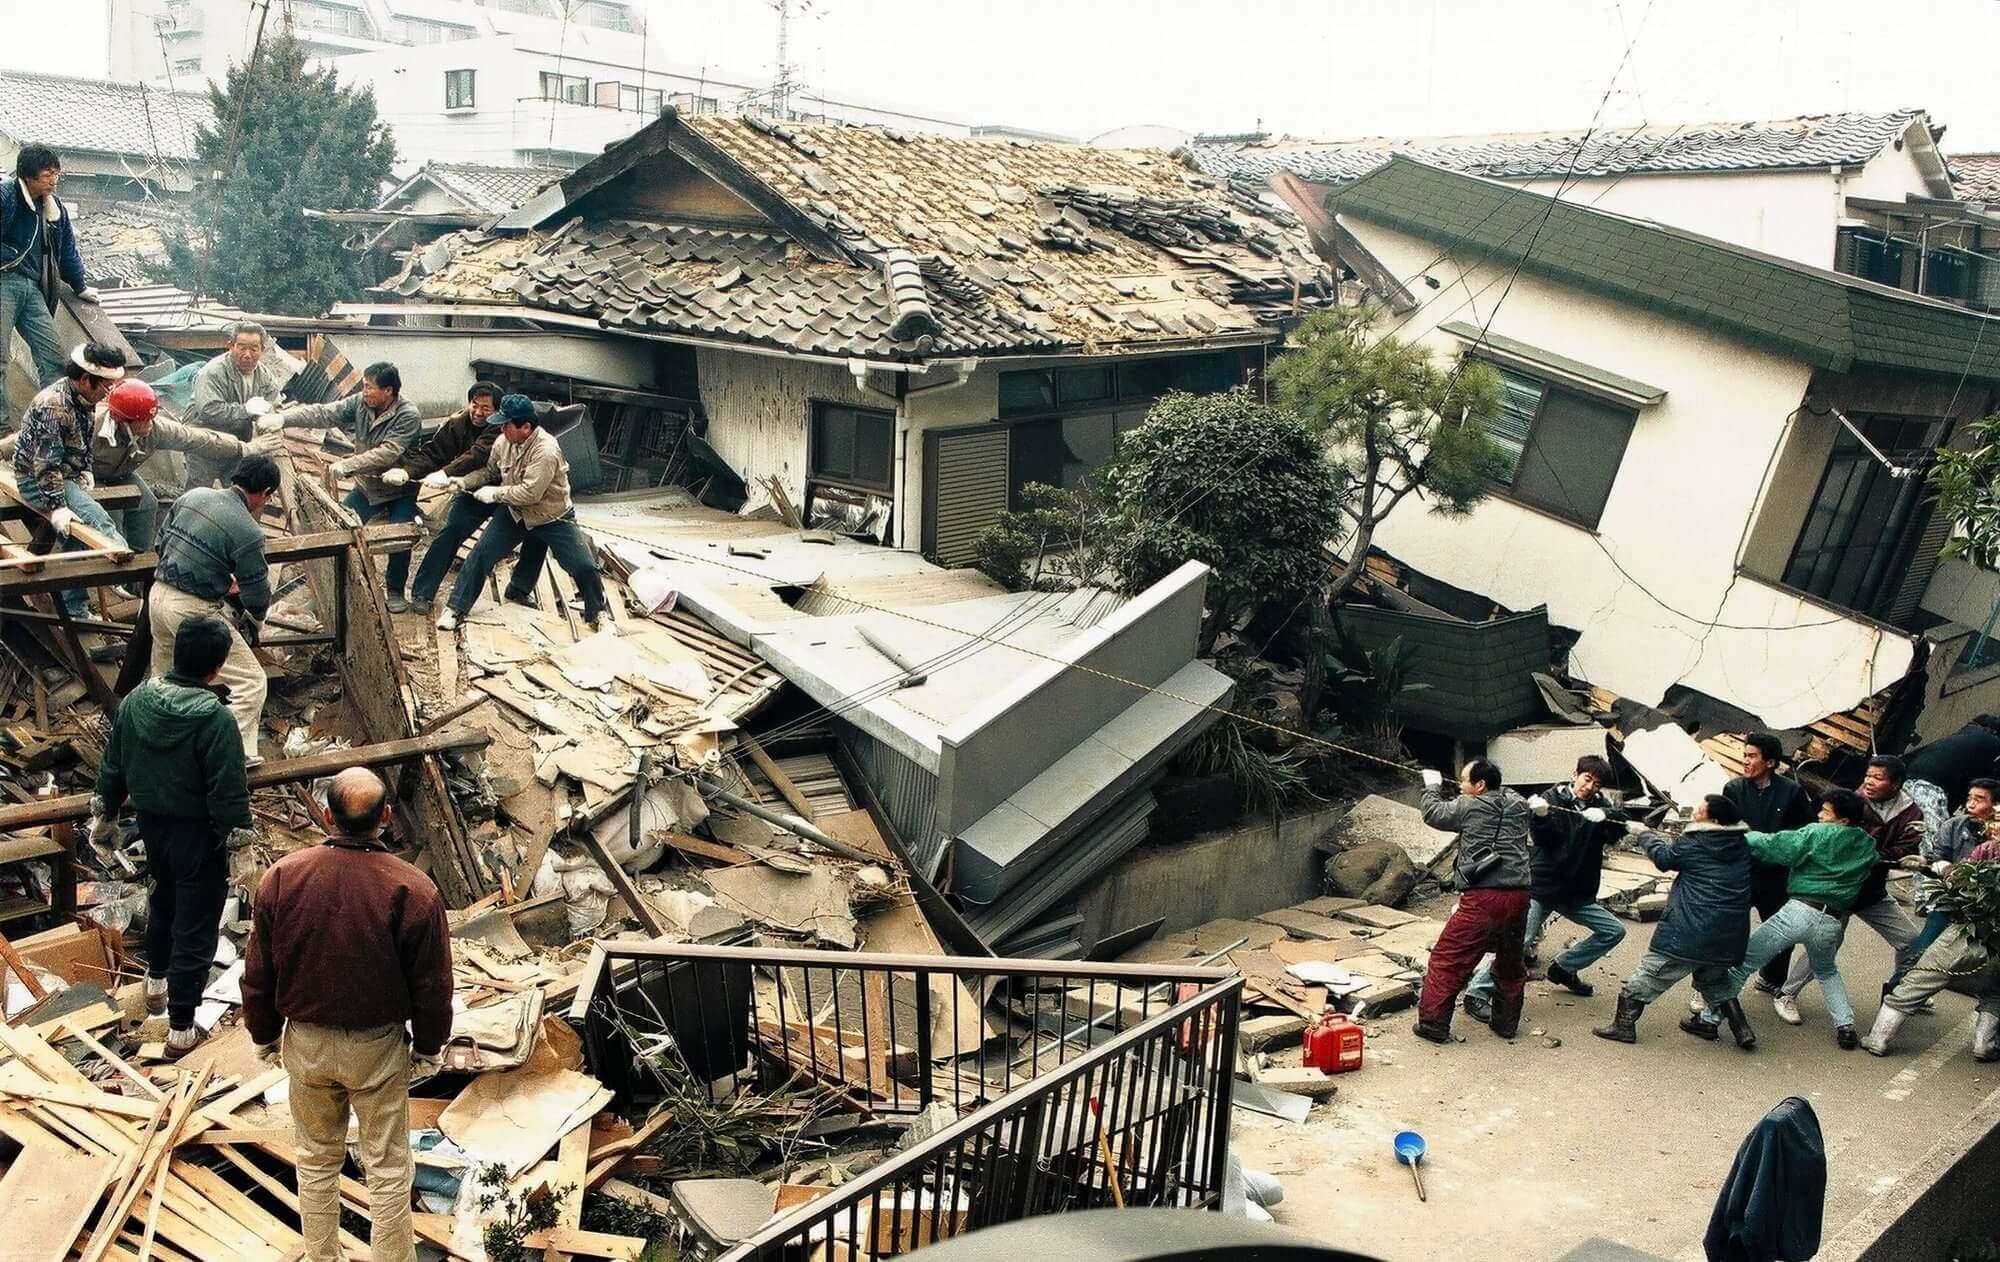 大震災 は いつ 阪神 阪神大震災で崩壊したビルの前、ぼう然と立ち尽くす「安田大サーカス」団長…亡き友が今も支え :